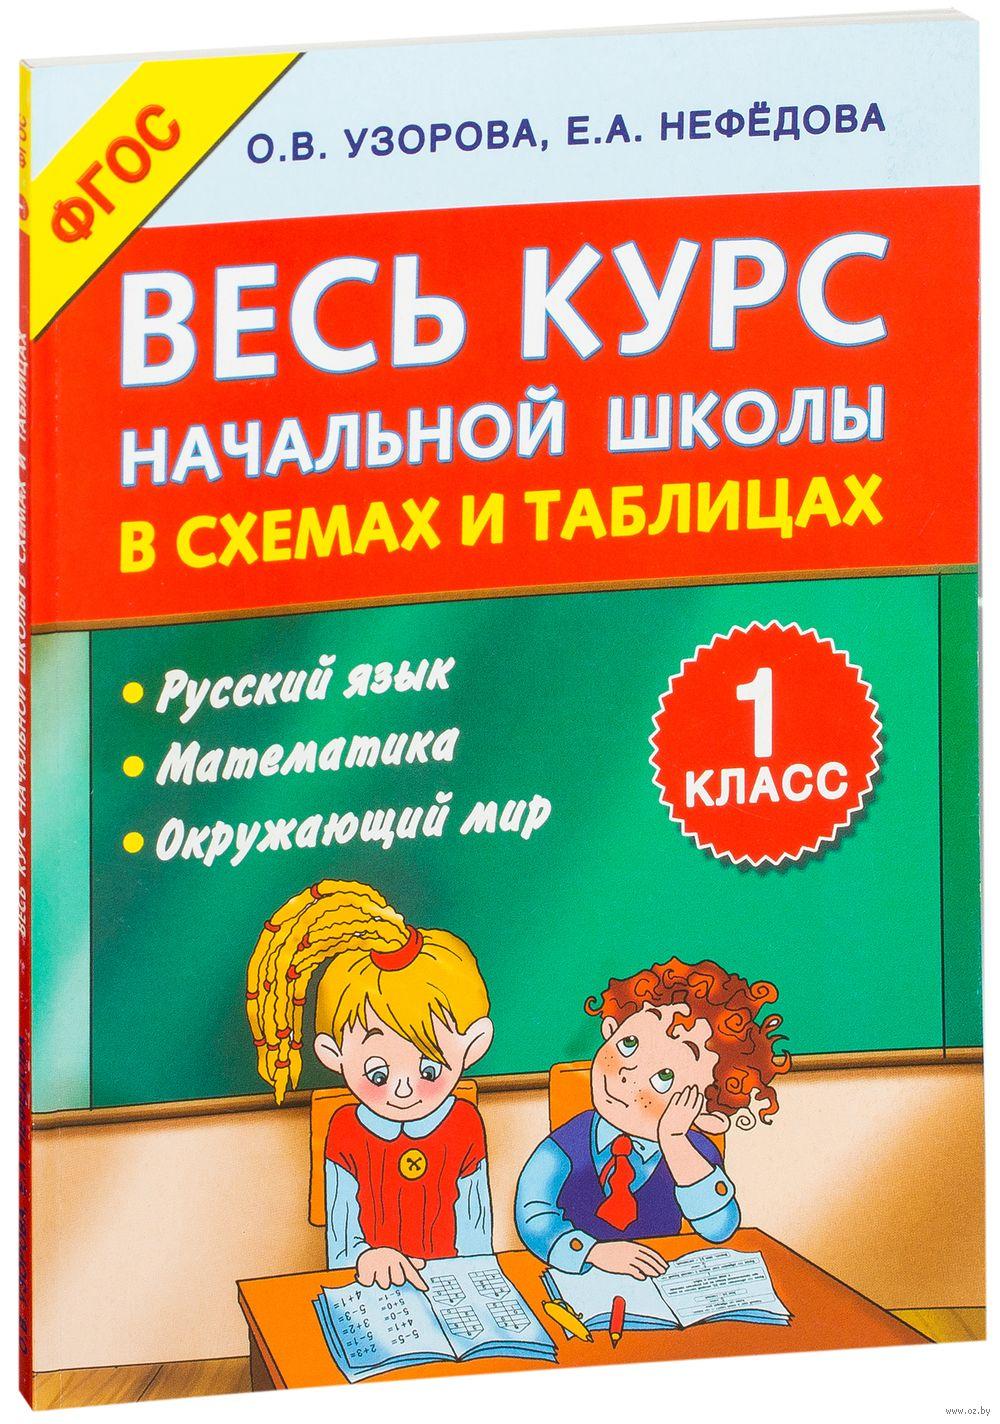 Весь курс начальной школы в схемах и таблицах. 2 класс. Русский язык, математика, окружающий мир